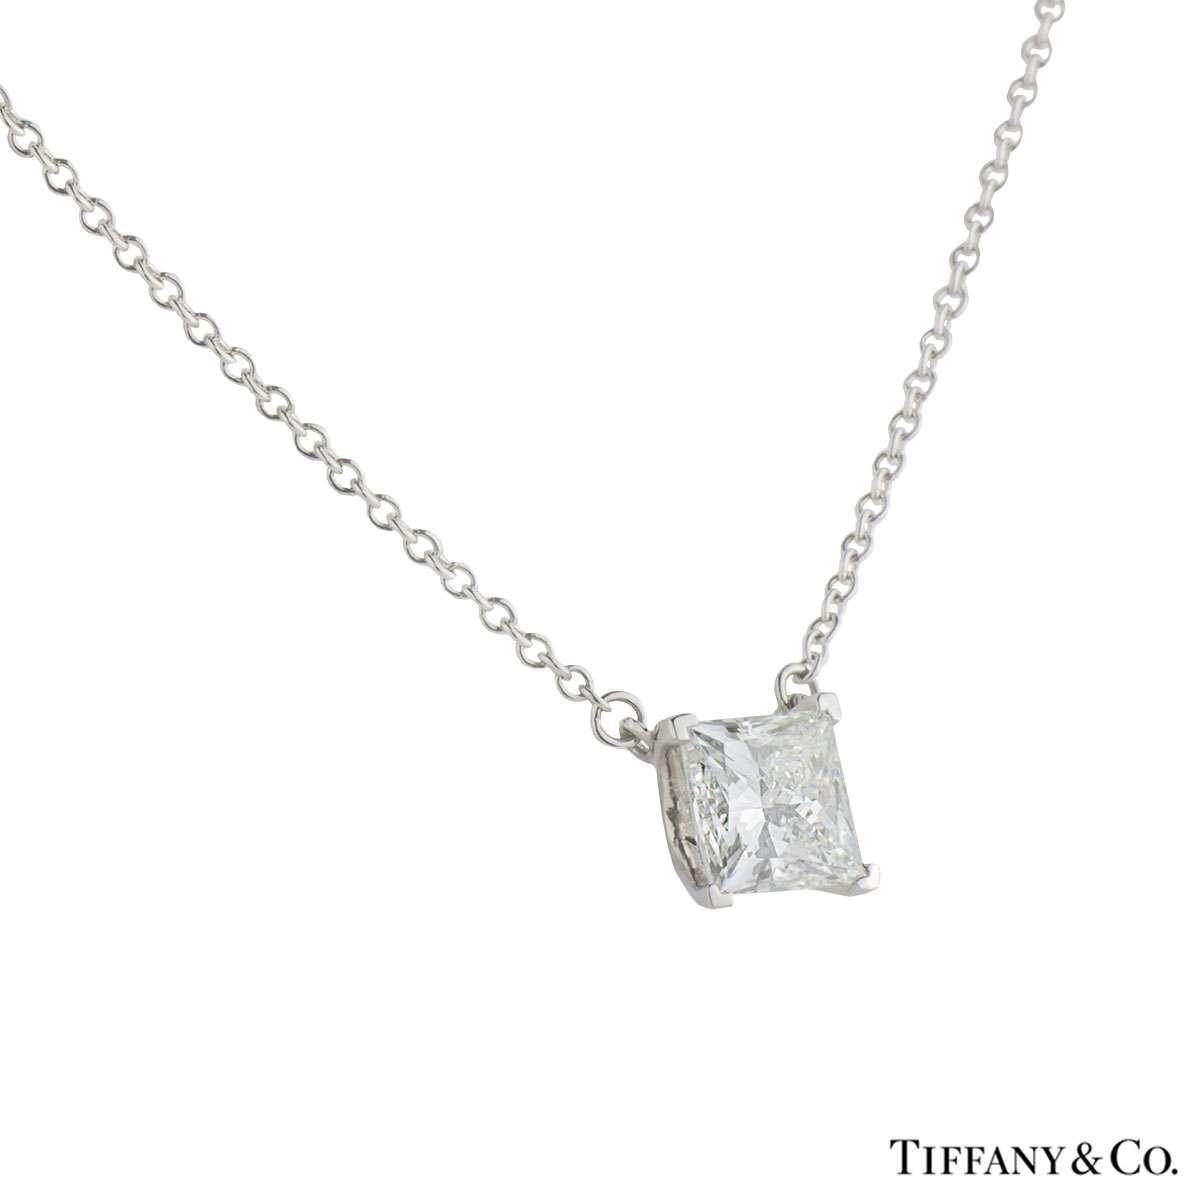 Tiffany & Co. Platinum Diamond Pendant 1.02ct I/VVS1